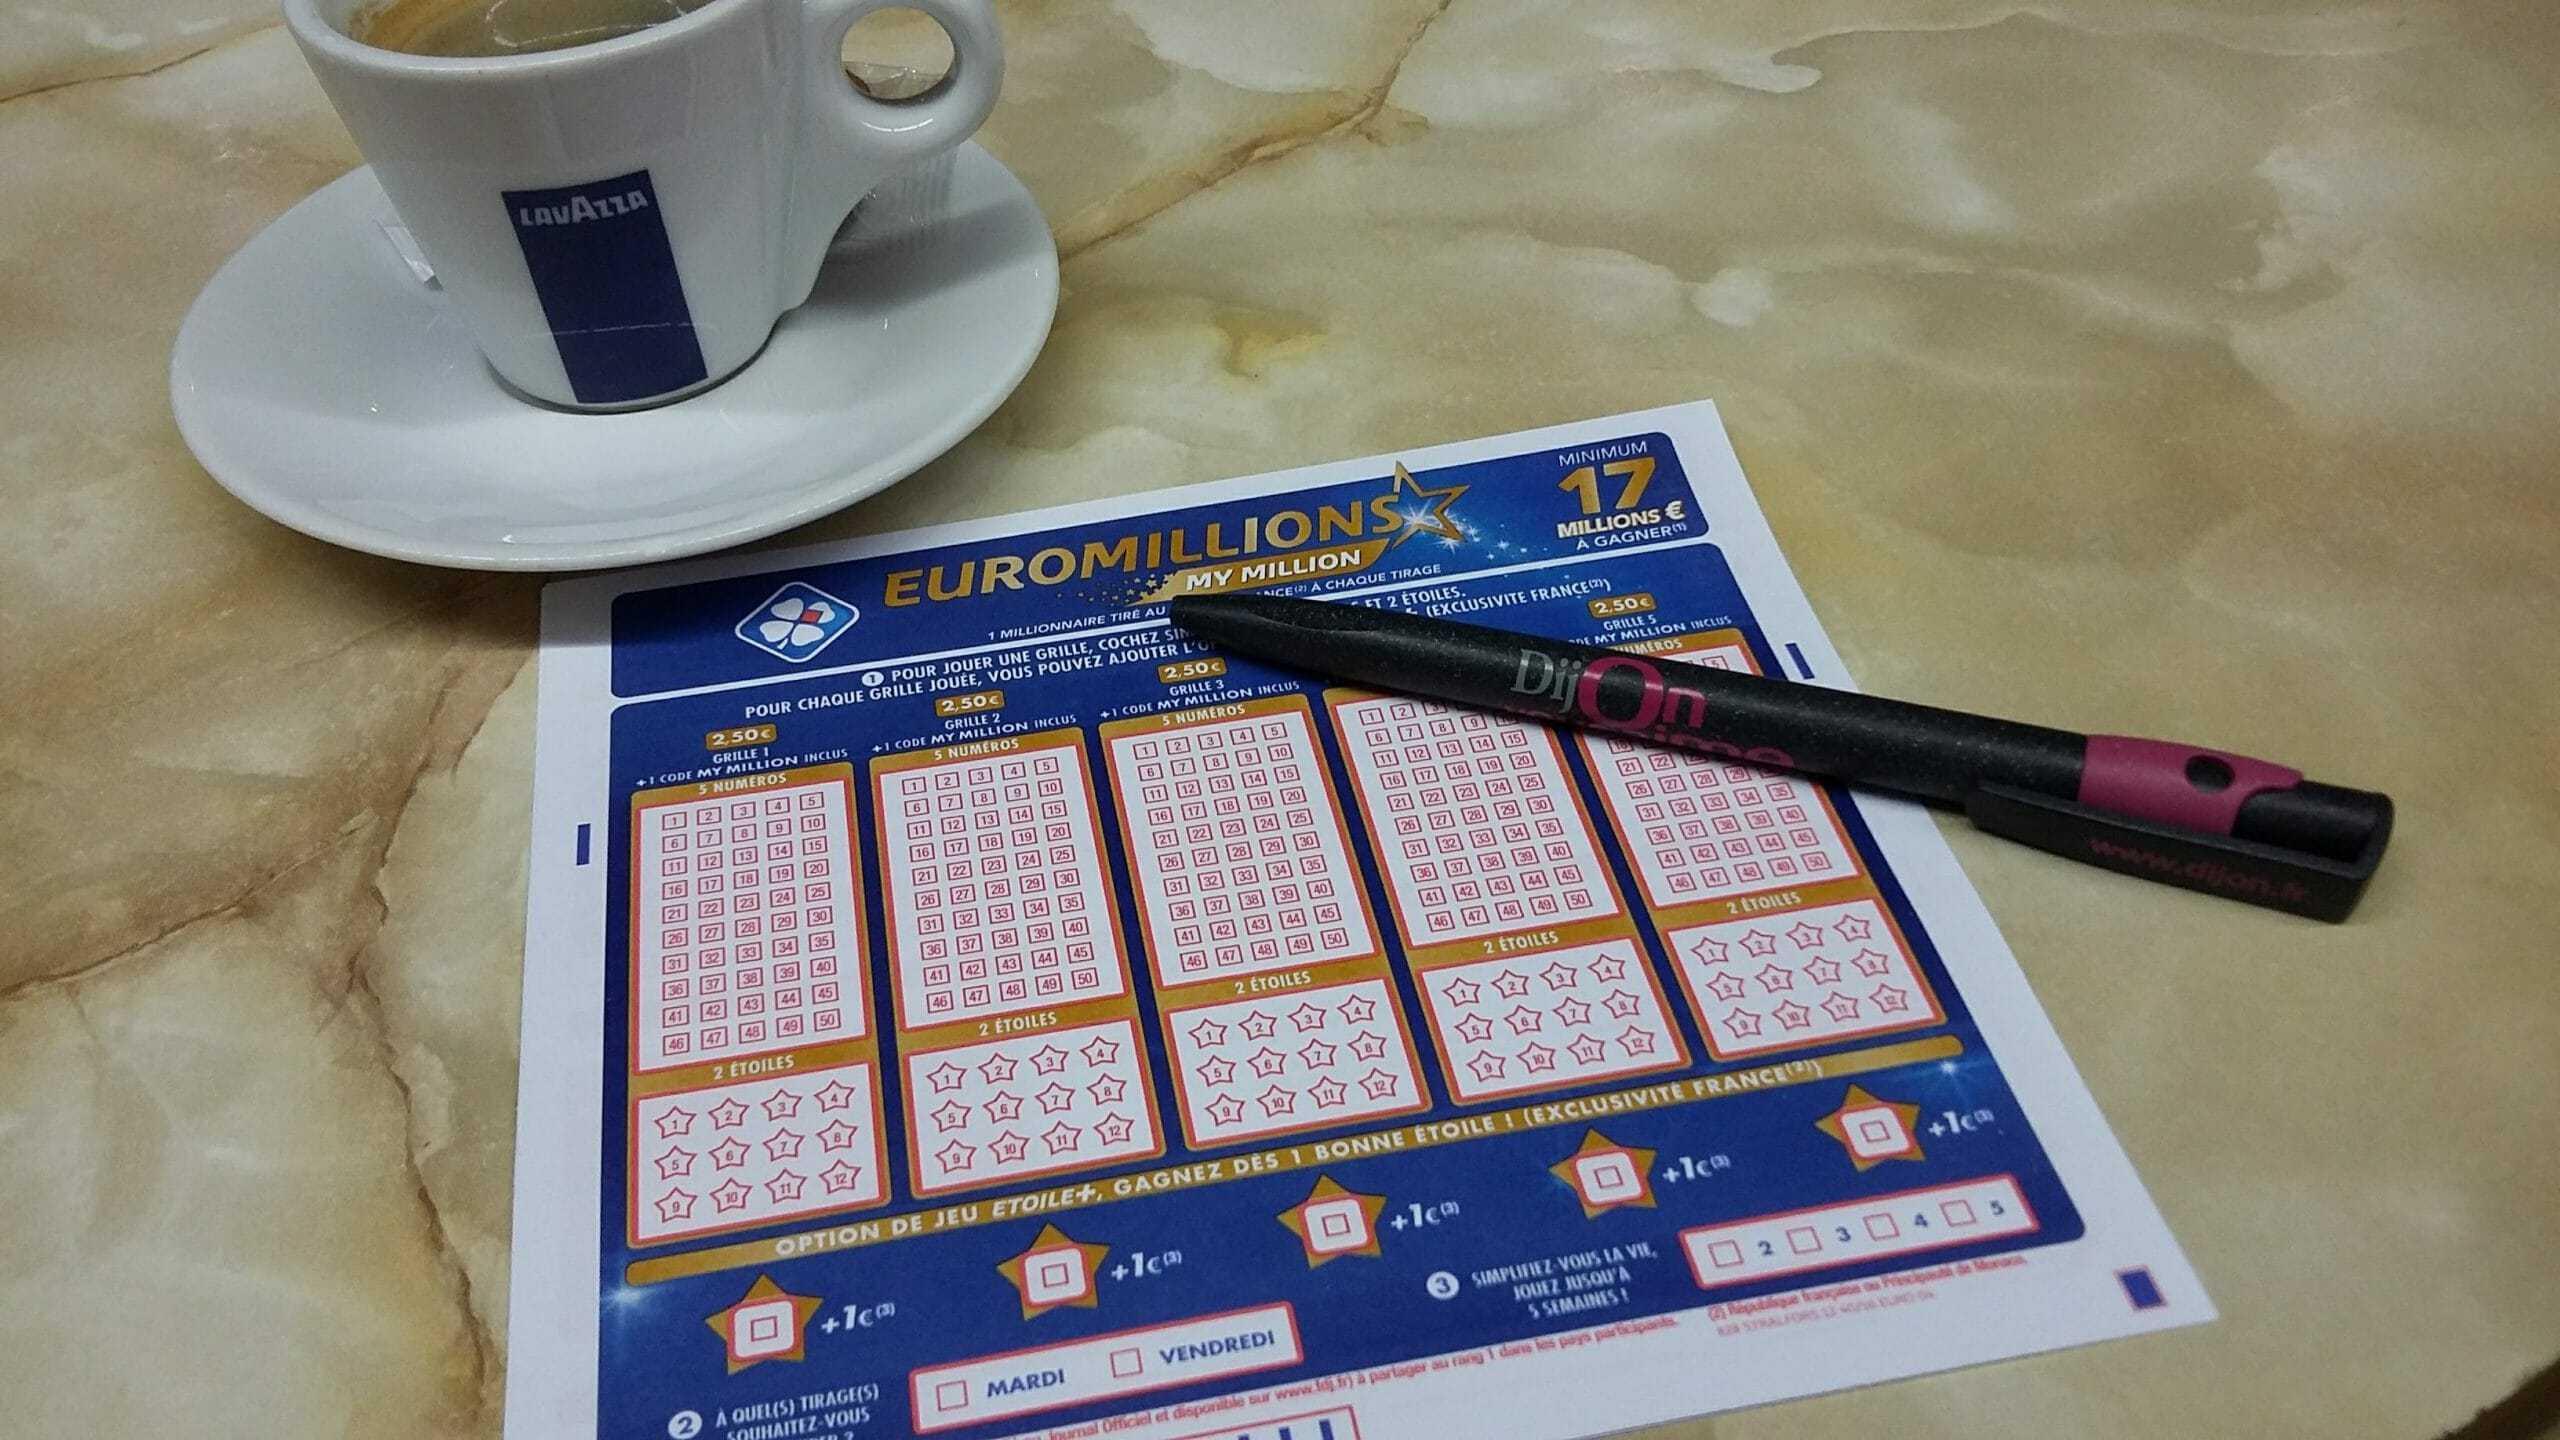 ผลลัพธ์ Euromillions | พิมพ์ครั้งสุดท้าย & ก่อนหน้านี้